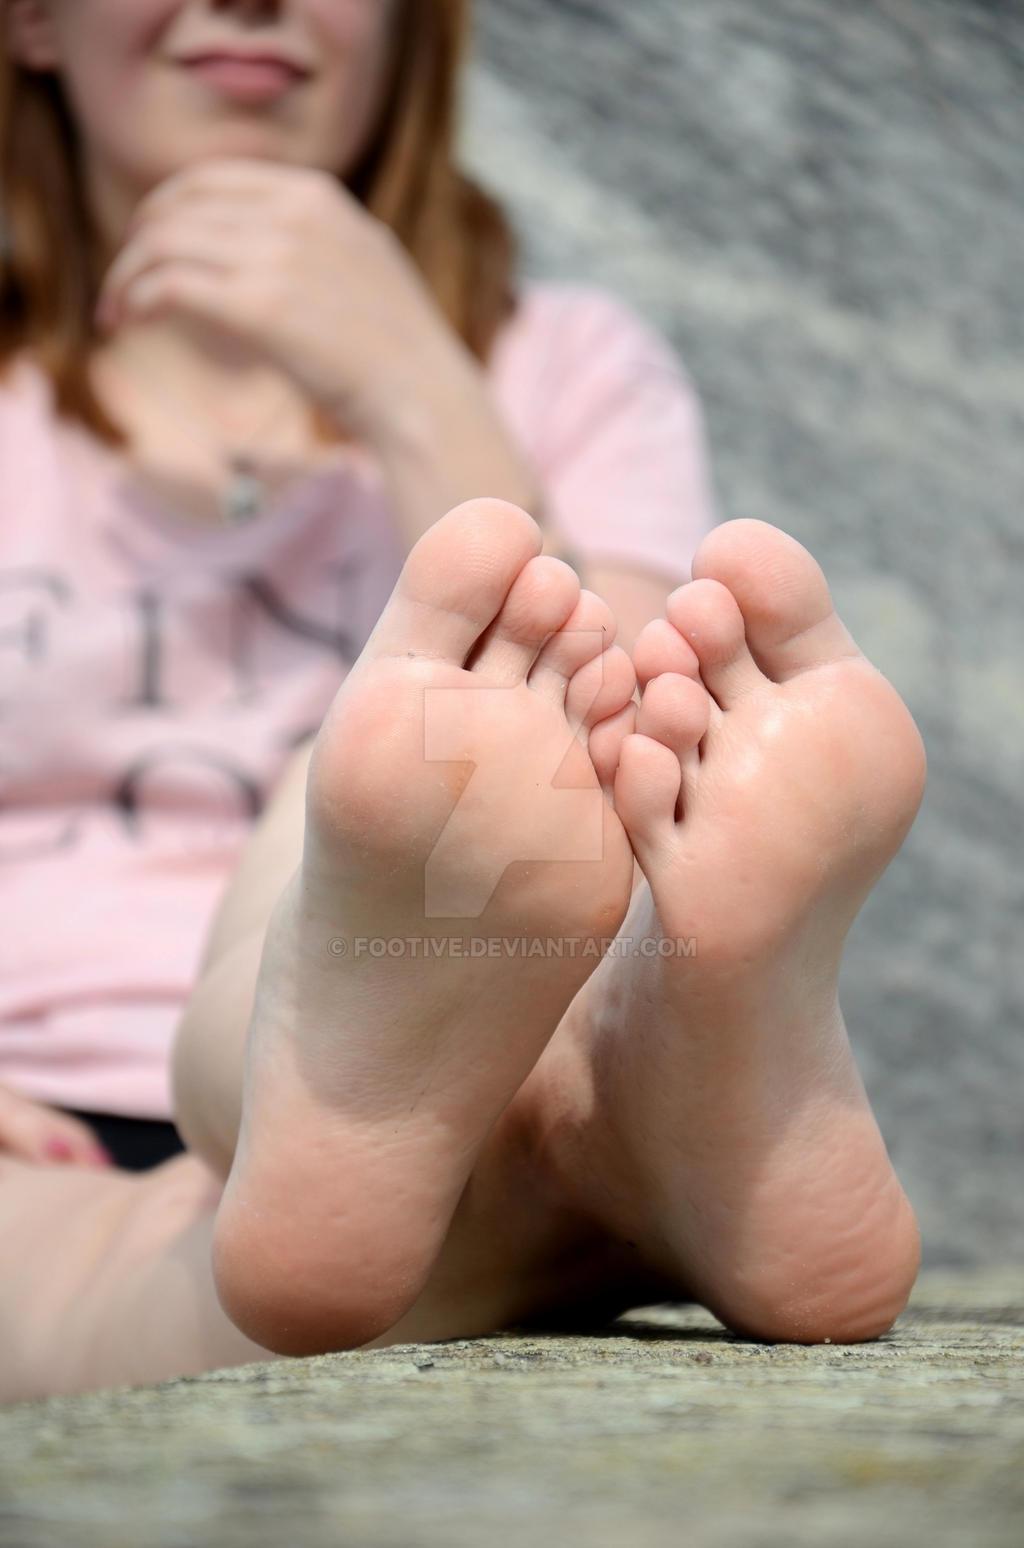 Mag's sweaty socks and feet 53